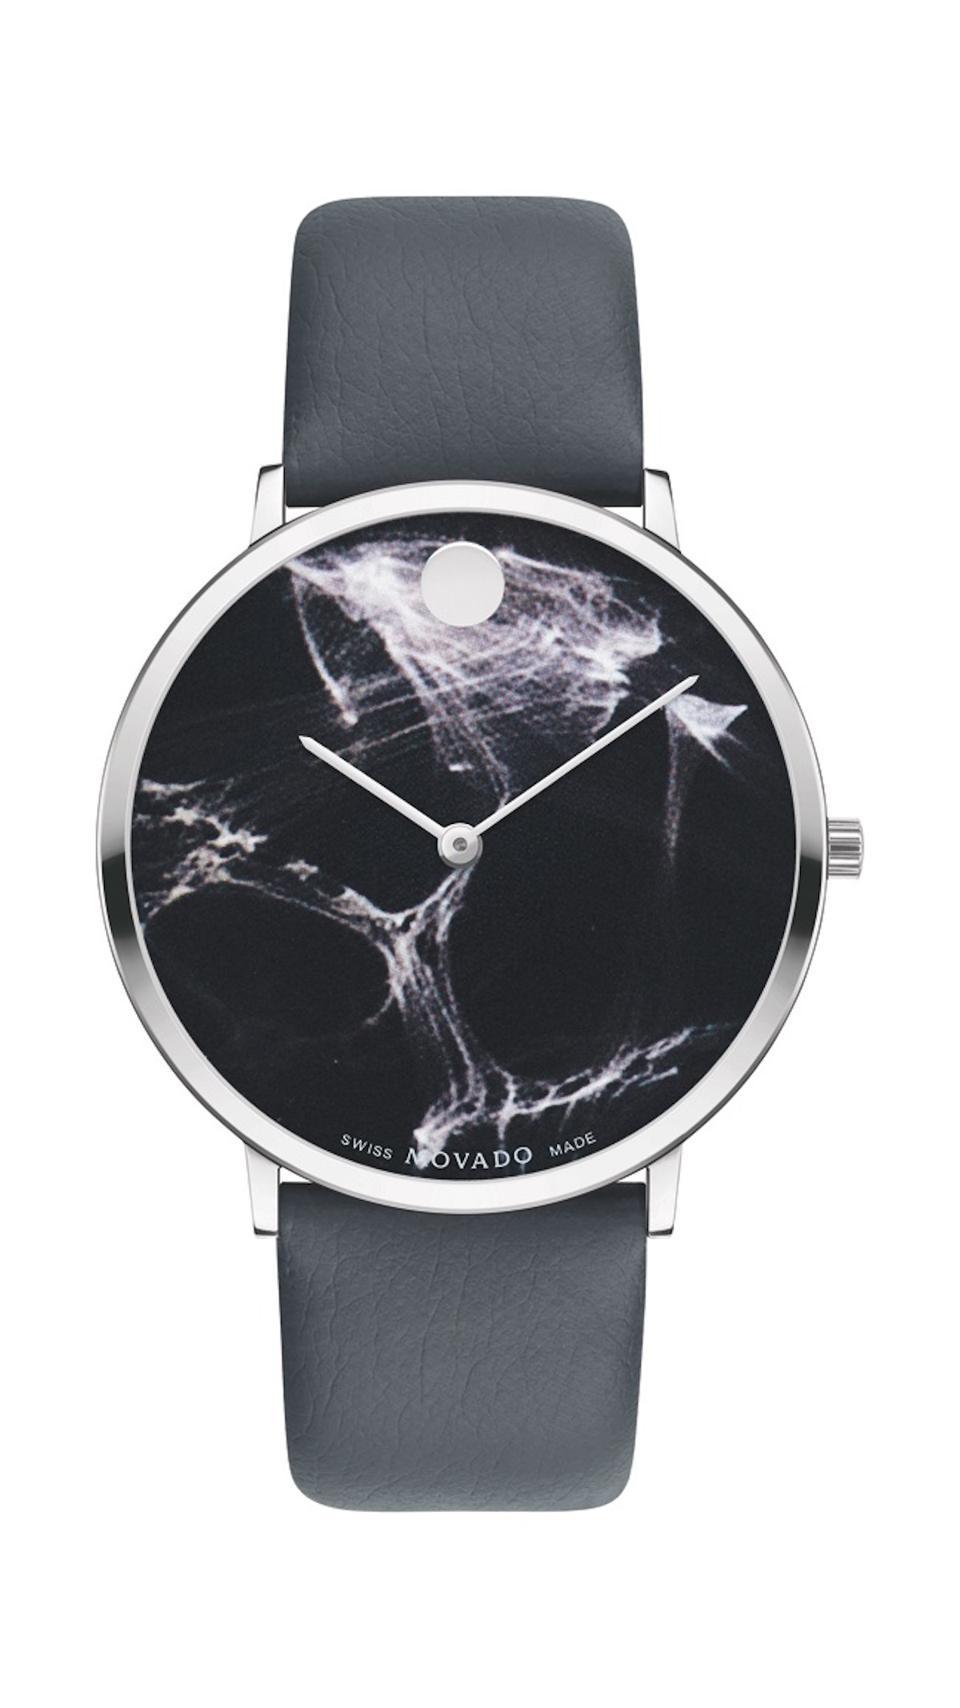 Alexi X Movado, vegan watch straps